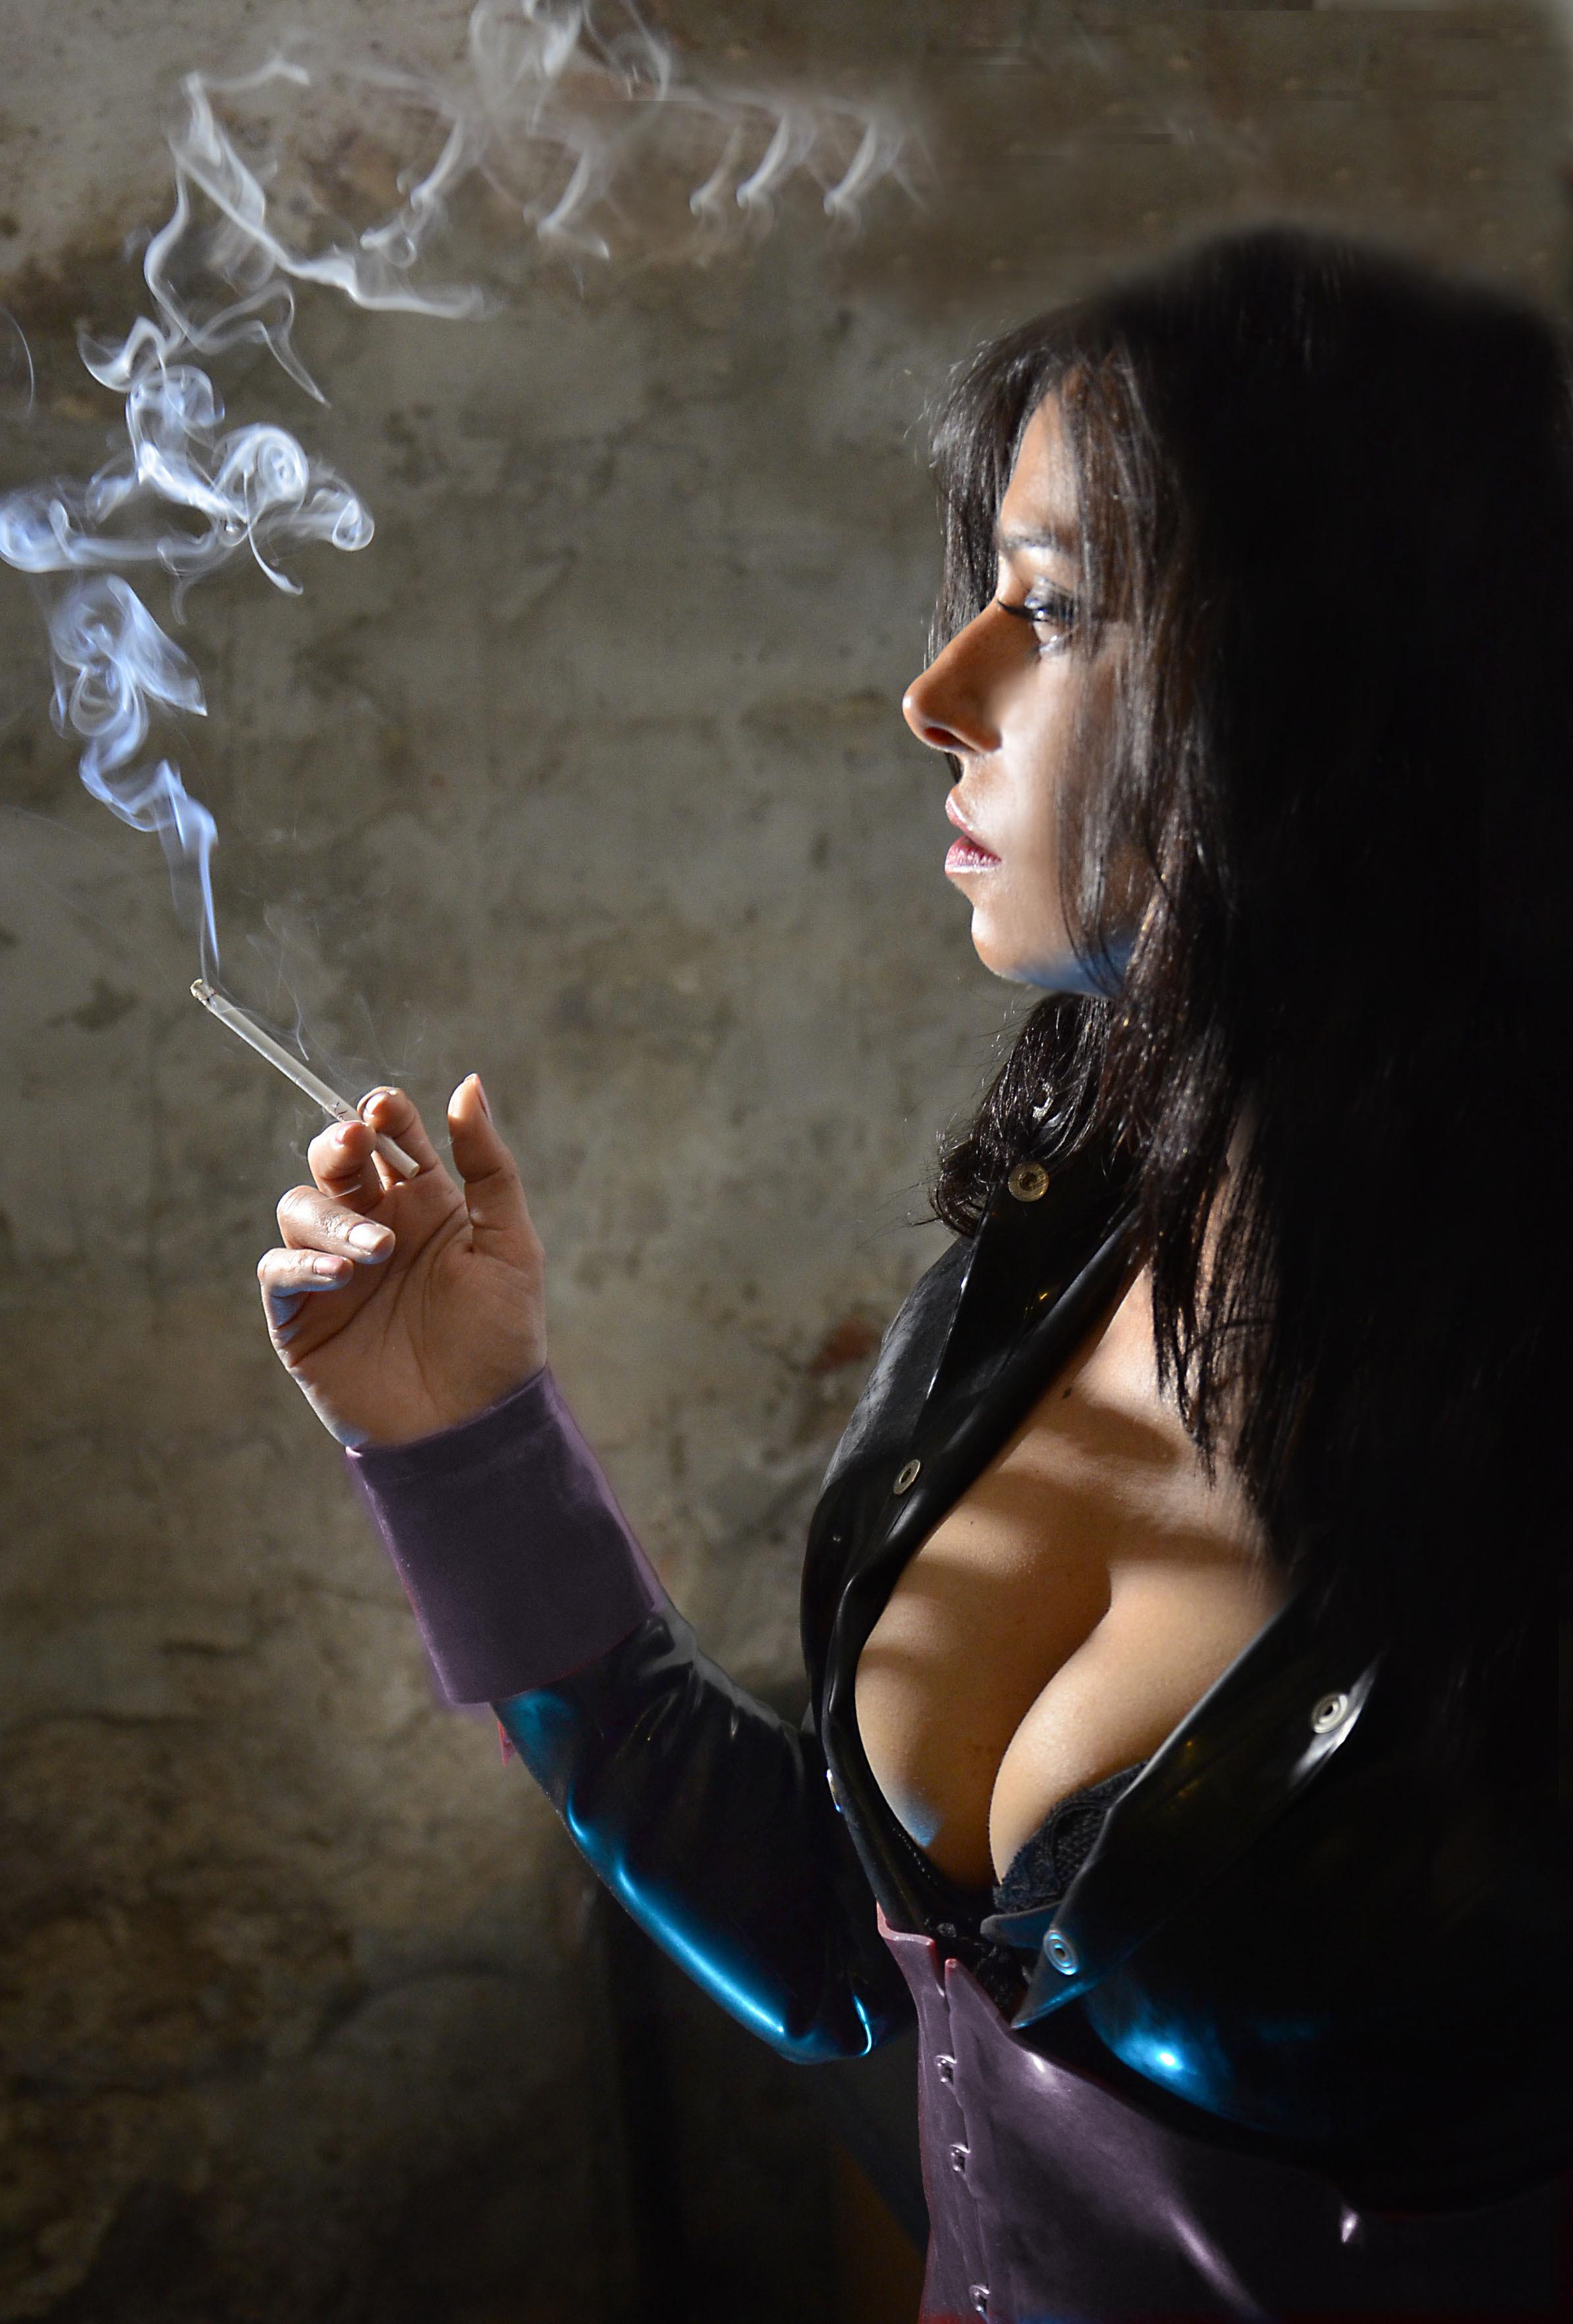 zigarete-ohne-mütze